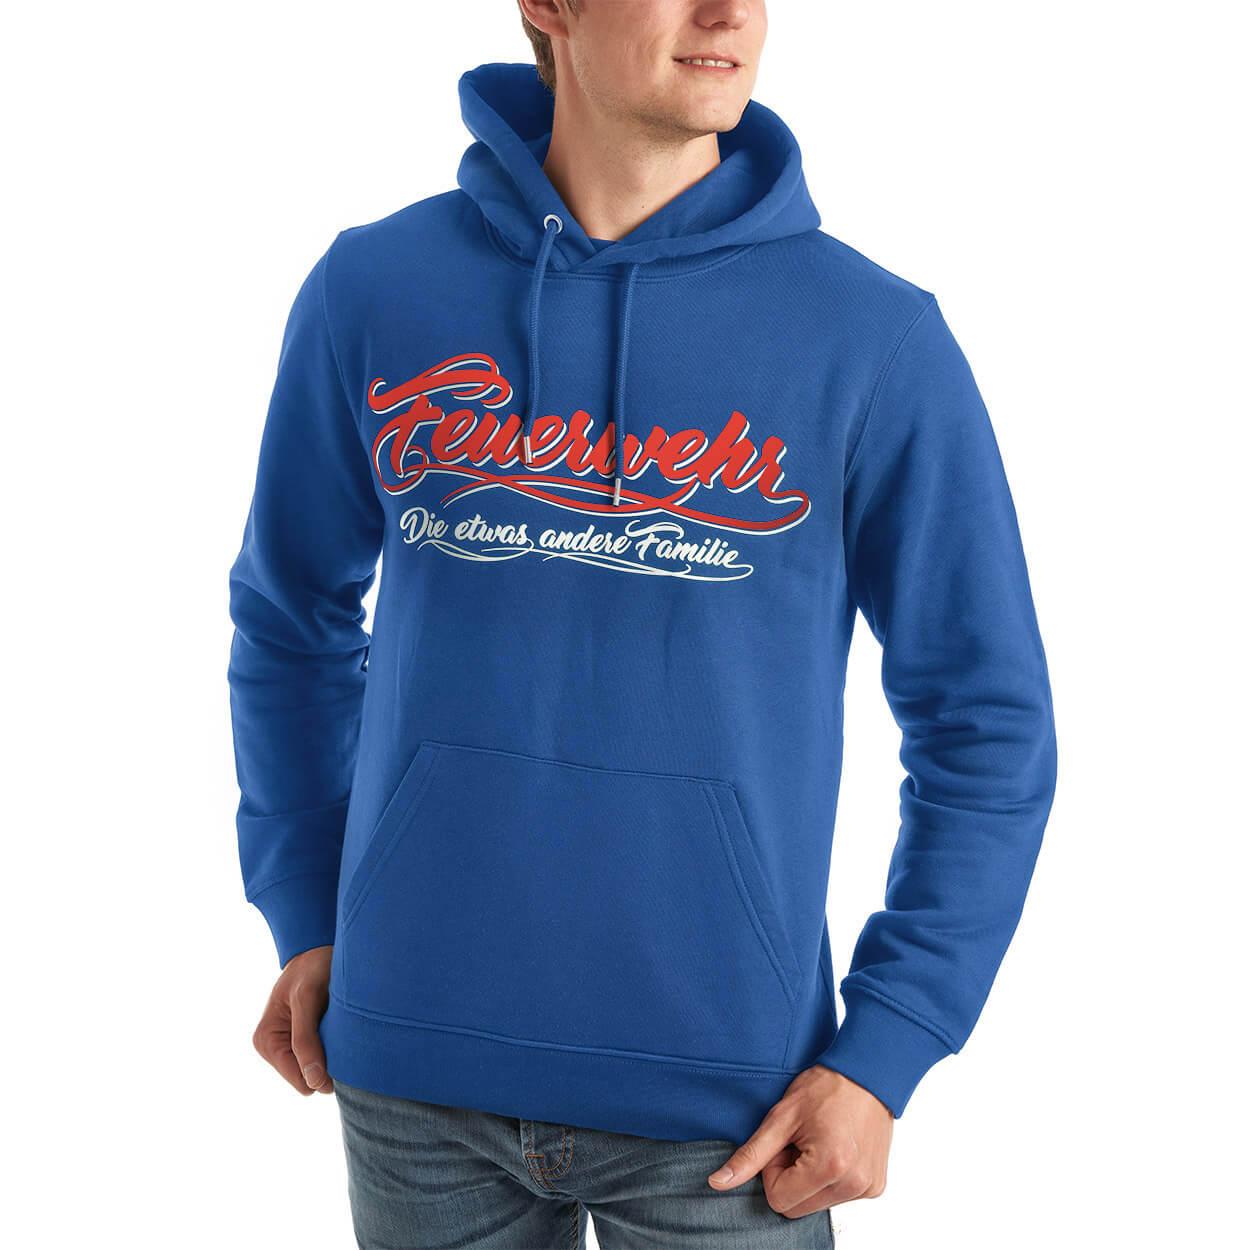 Feuerwehr, die etwas andere Familie - Männer Kapuzensweater blau